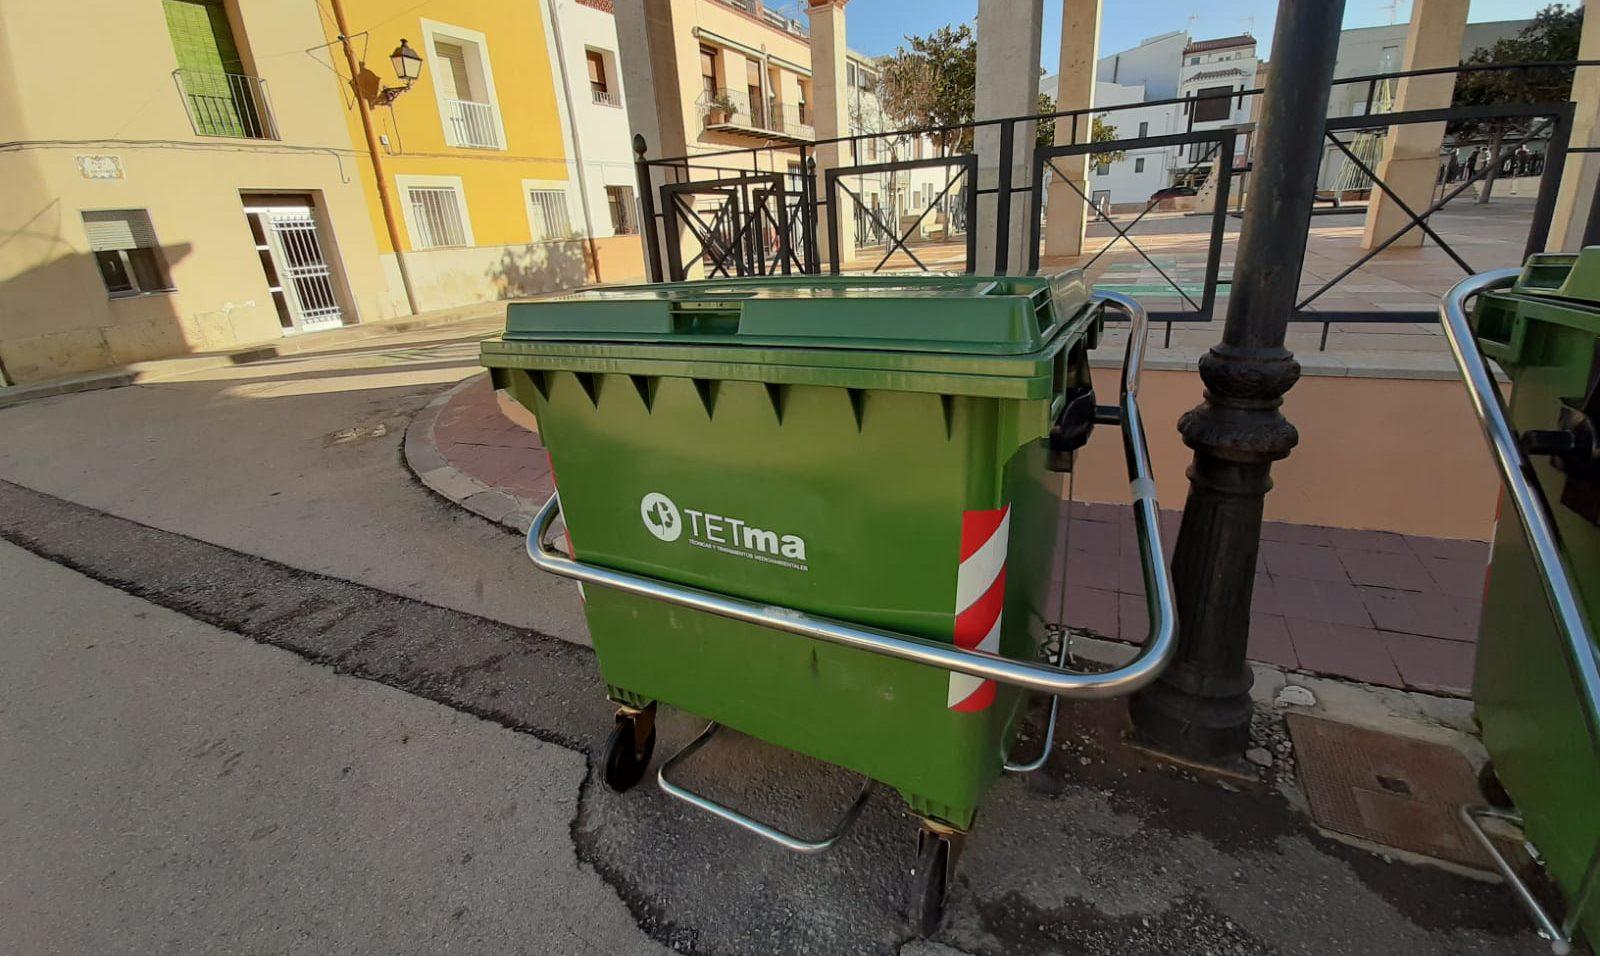 L'Ajuntament de Xert instal·la nous contenidors de recollida de residus amb sistema de pedal